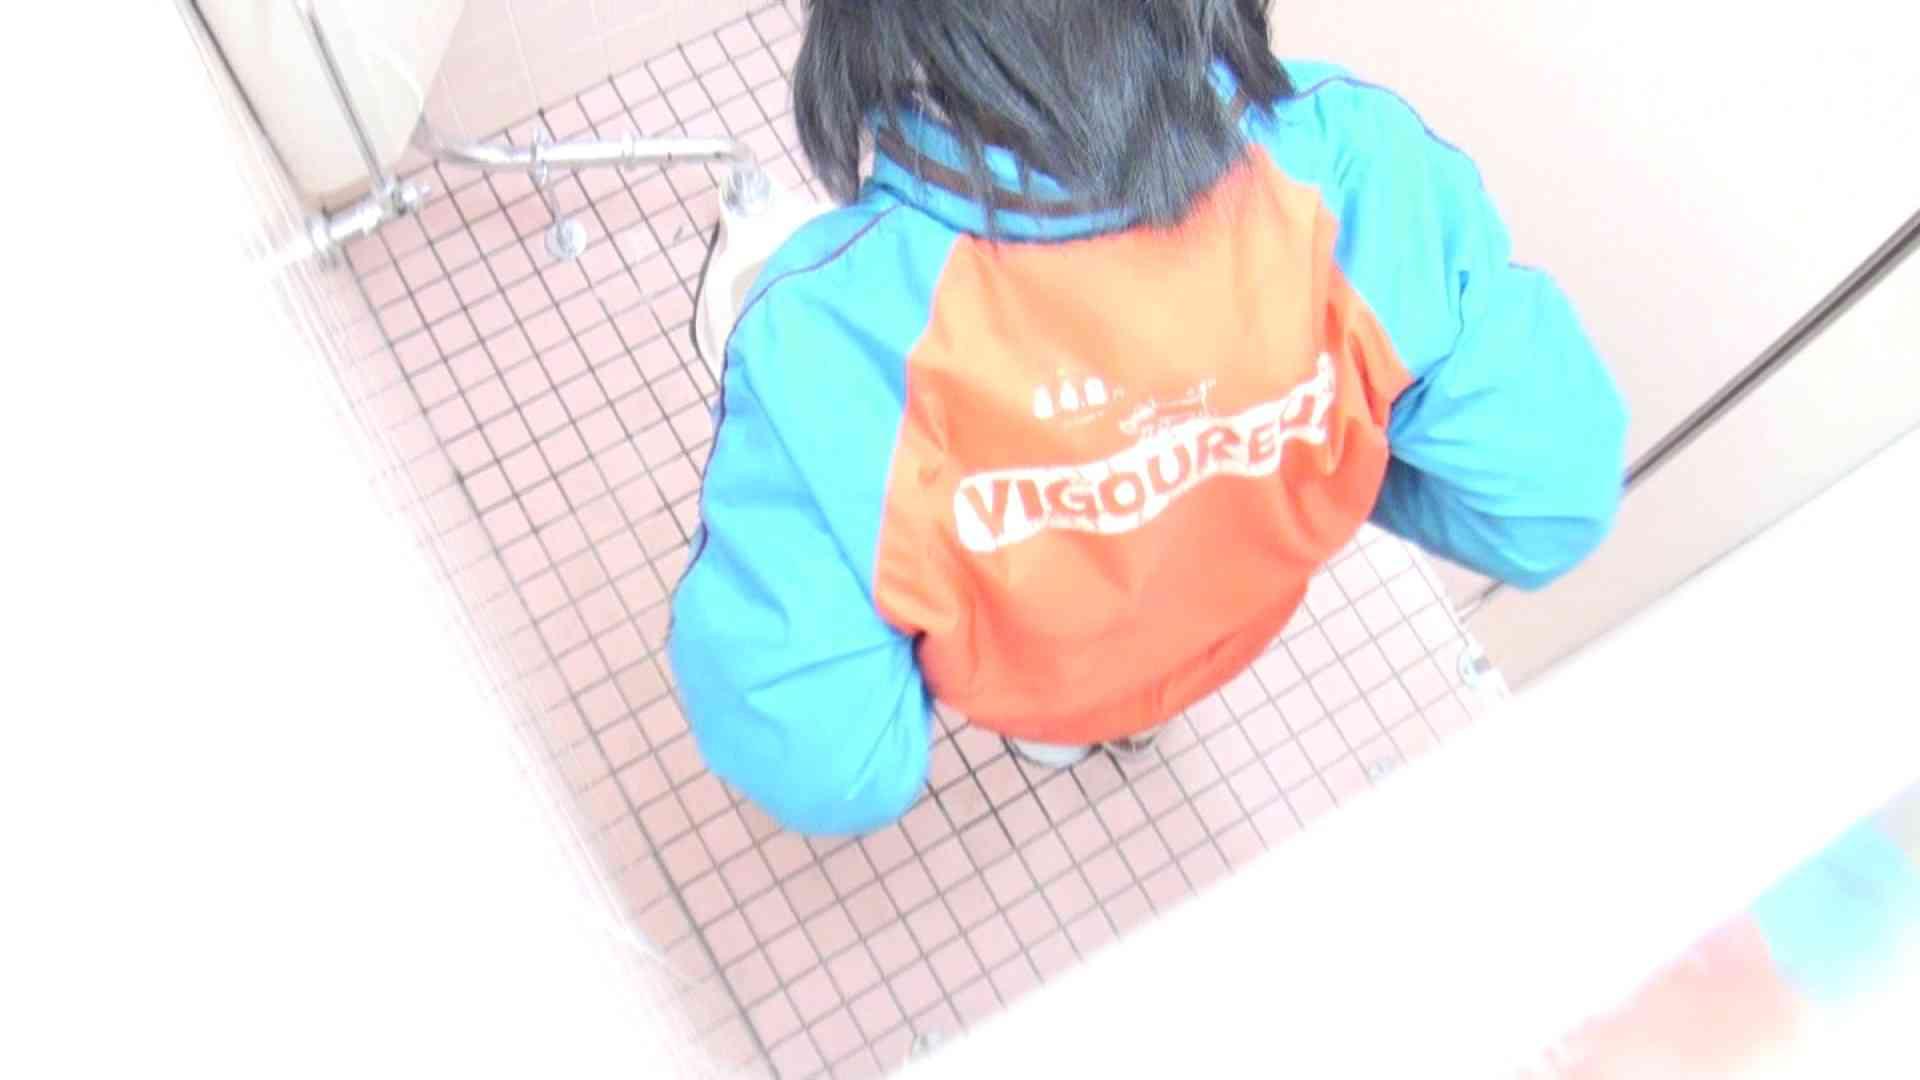 ▲復活限定▲ハイビジョン 盗神伝 Vol.1 期間限定  59PIX 58